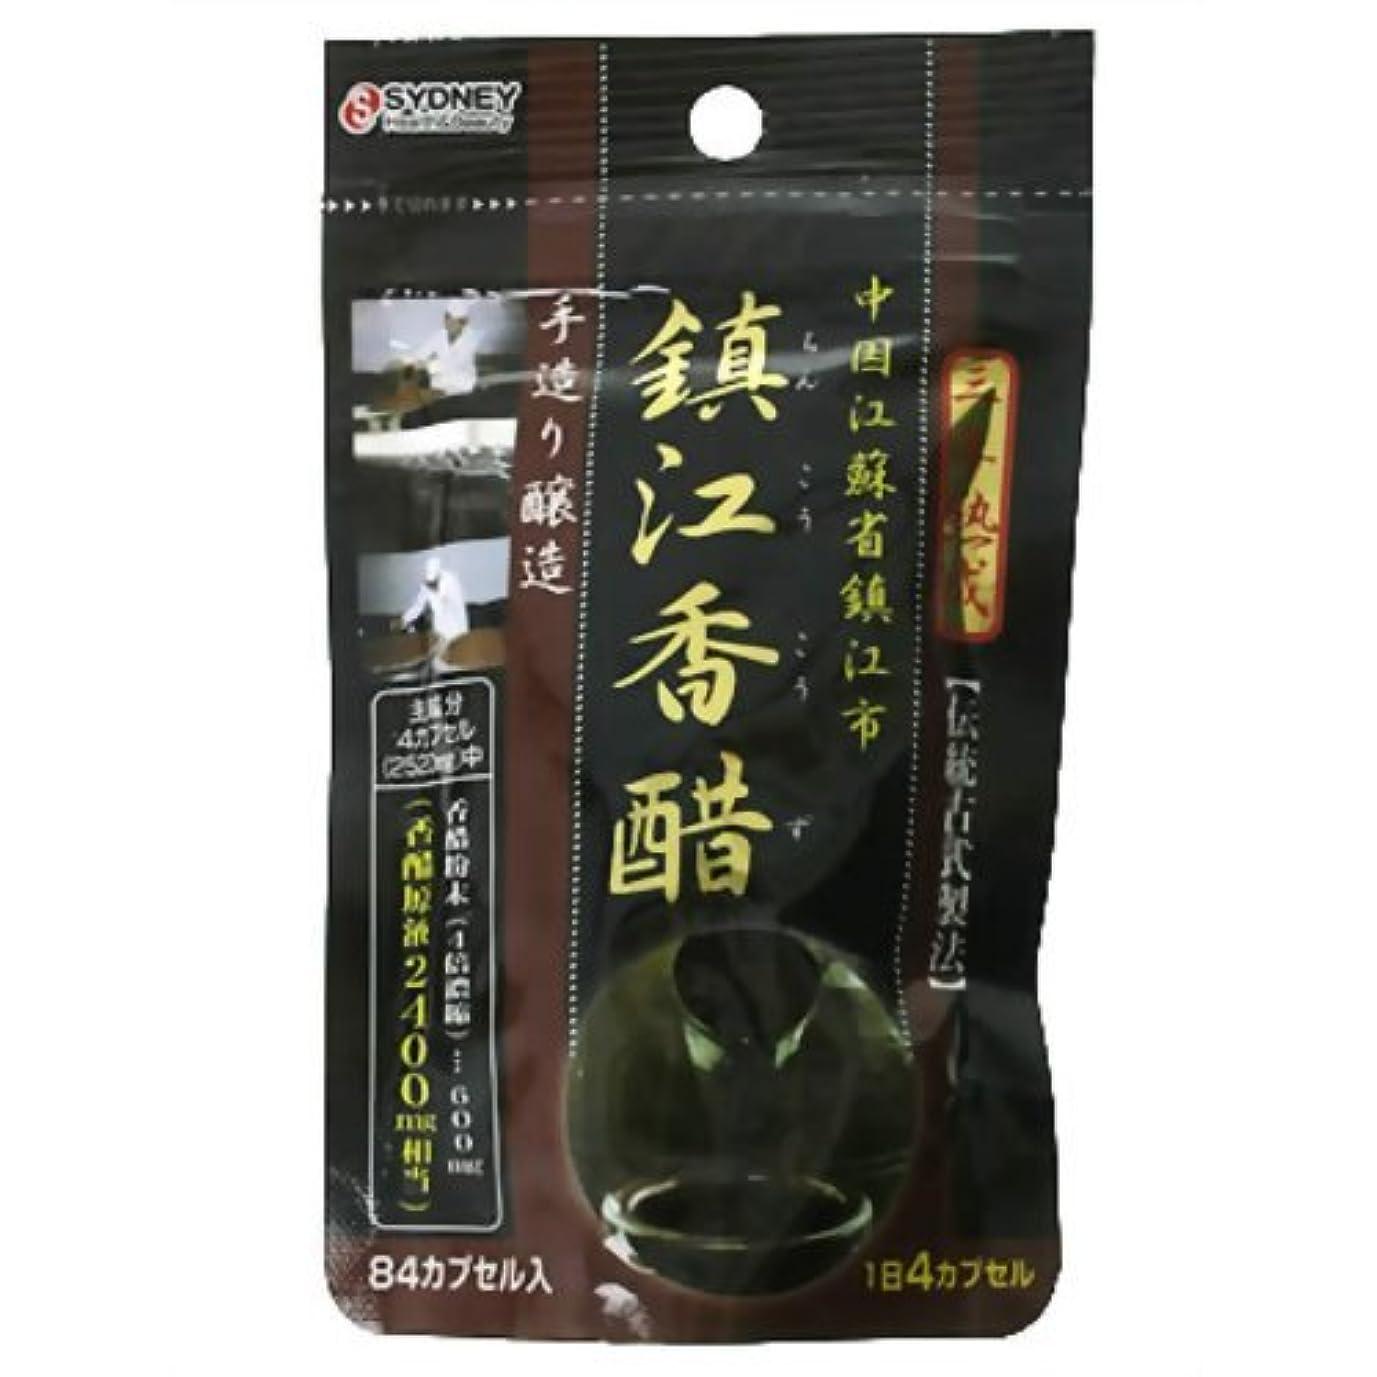 歯車融合おそらく鎮江香酢(三年熟成?伝統古式製法) 84カプセル